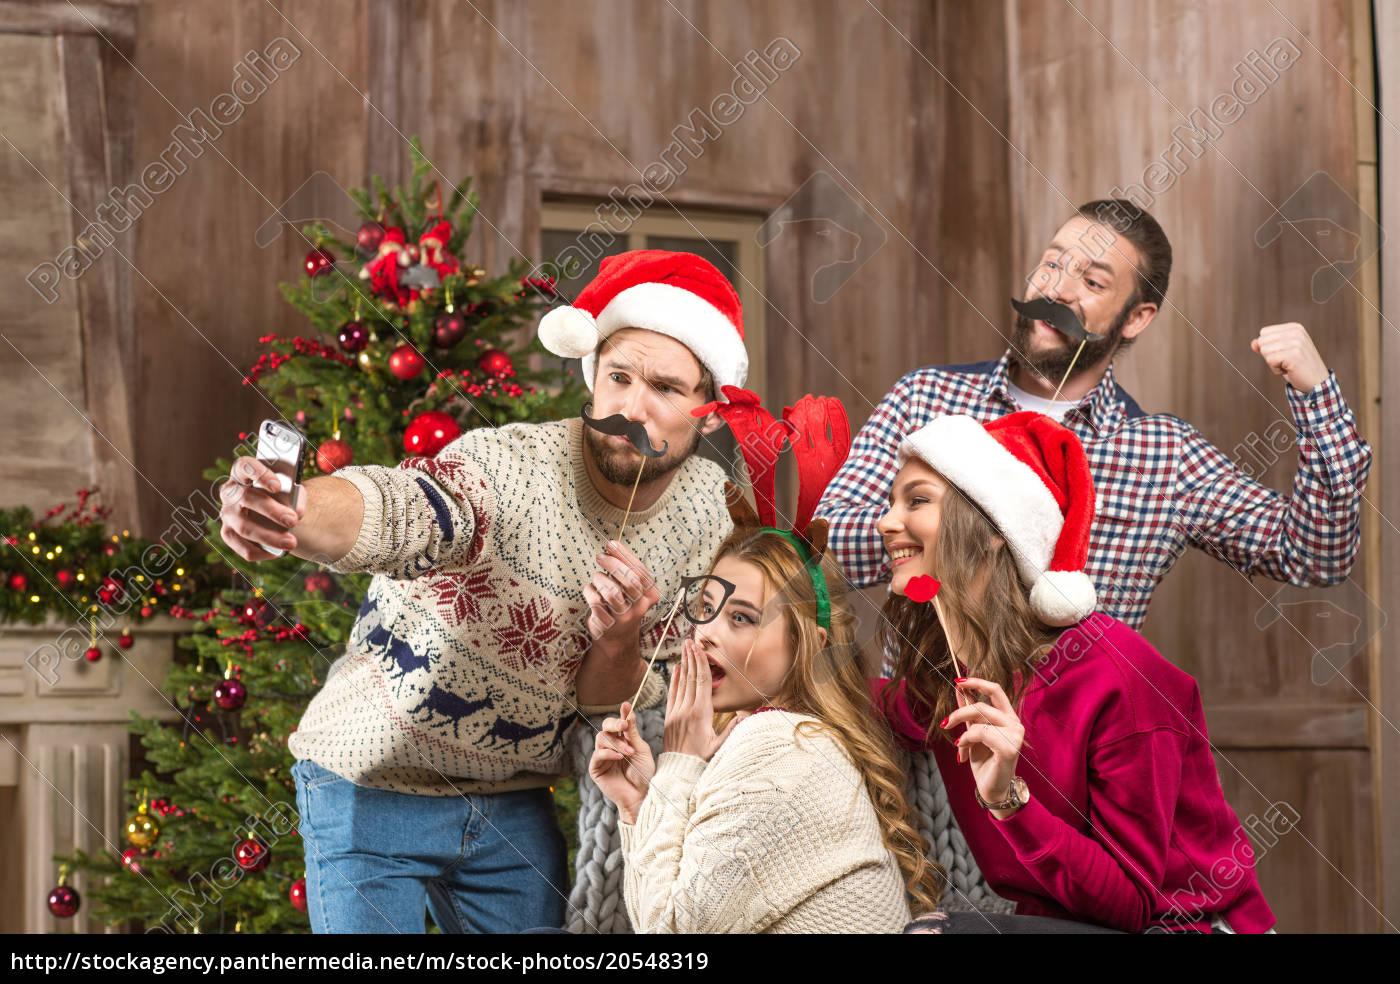 Gente Feliz En Navidad.Royalty Free Imagen 20548319 Gente Feliz Tomando Selfe En Navidad